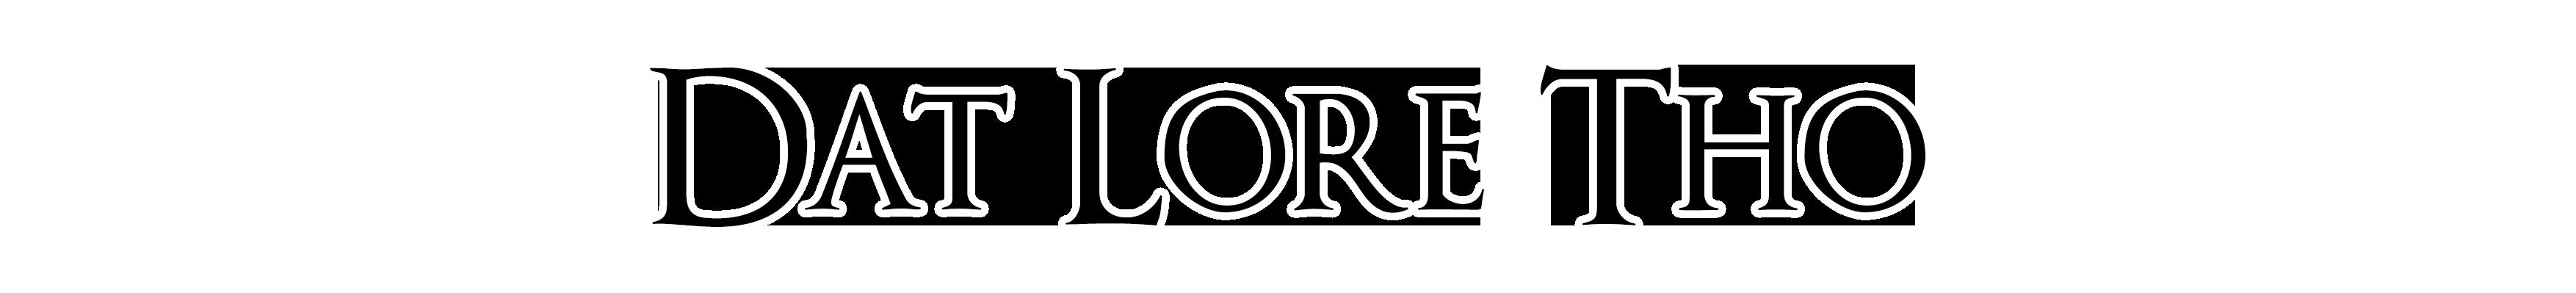 dat-lore